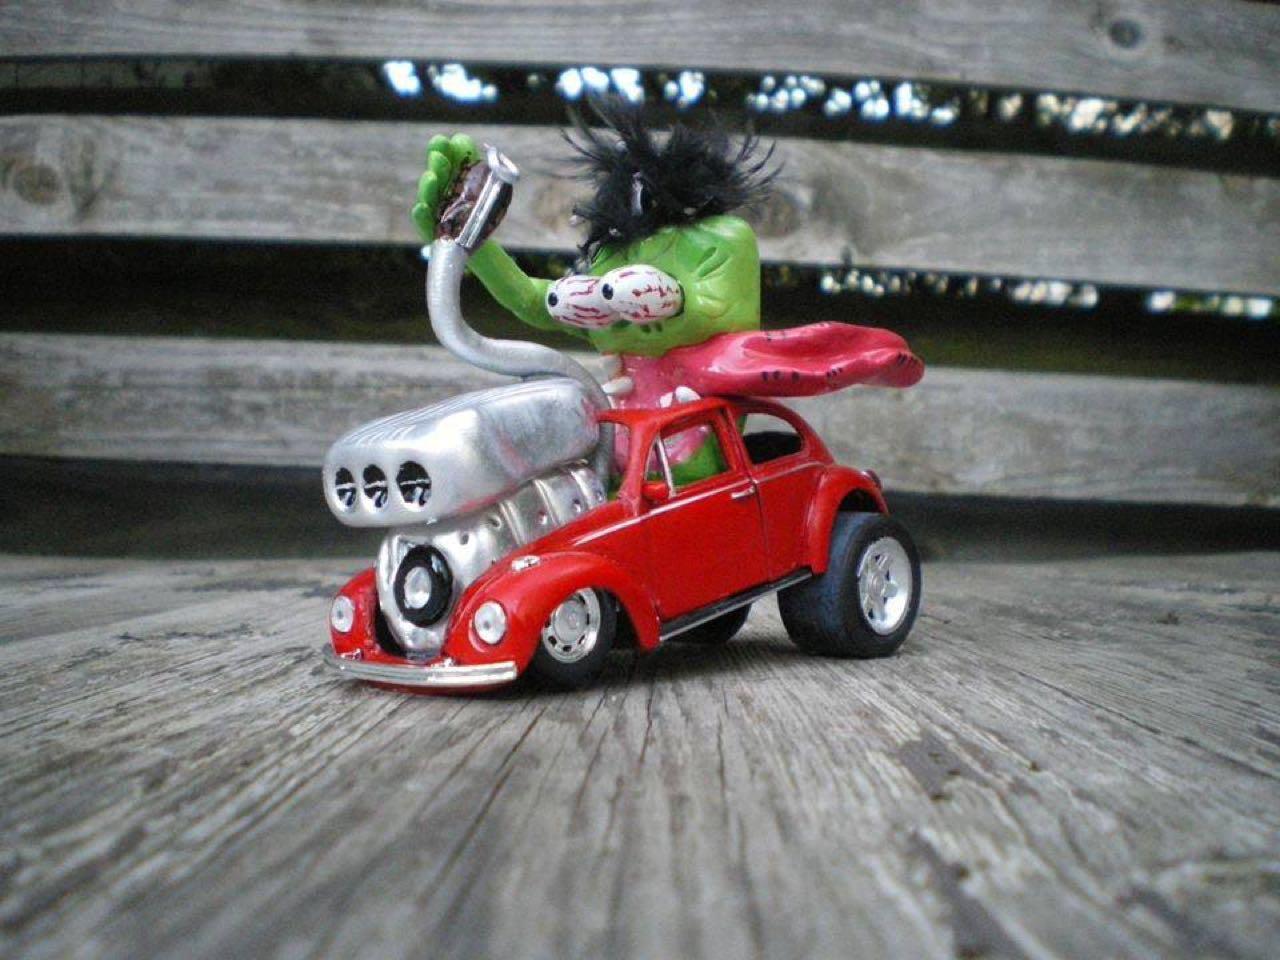 #Petrolhead : Funny Monsters - Délire ! 3